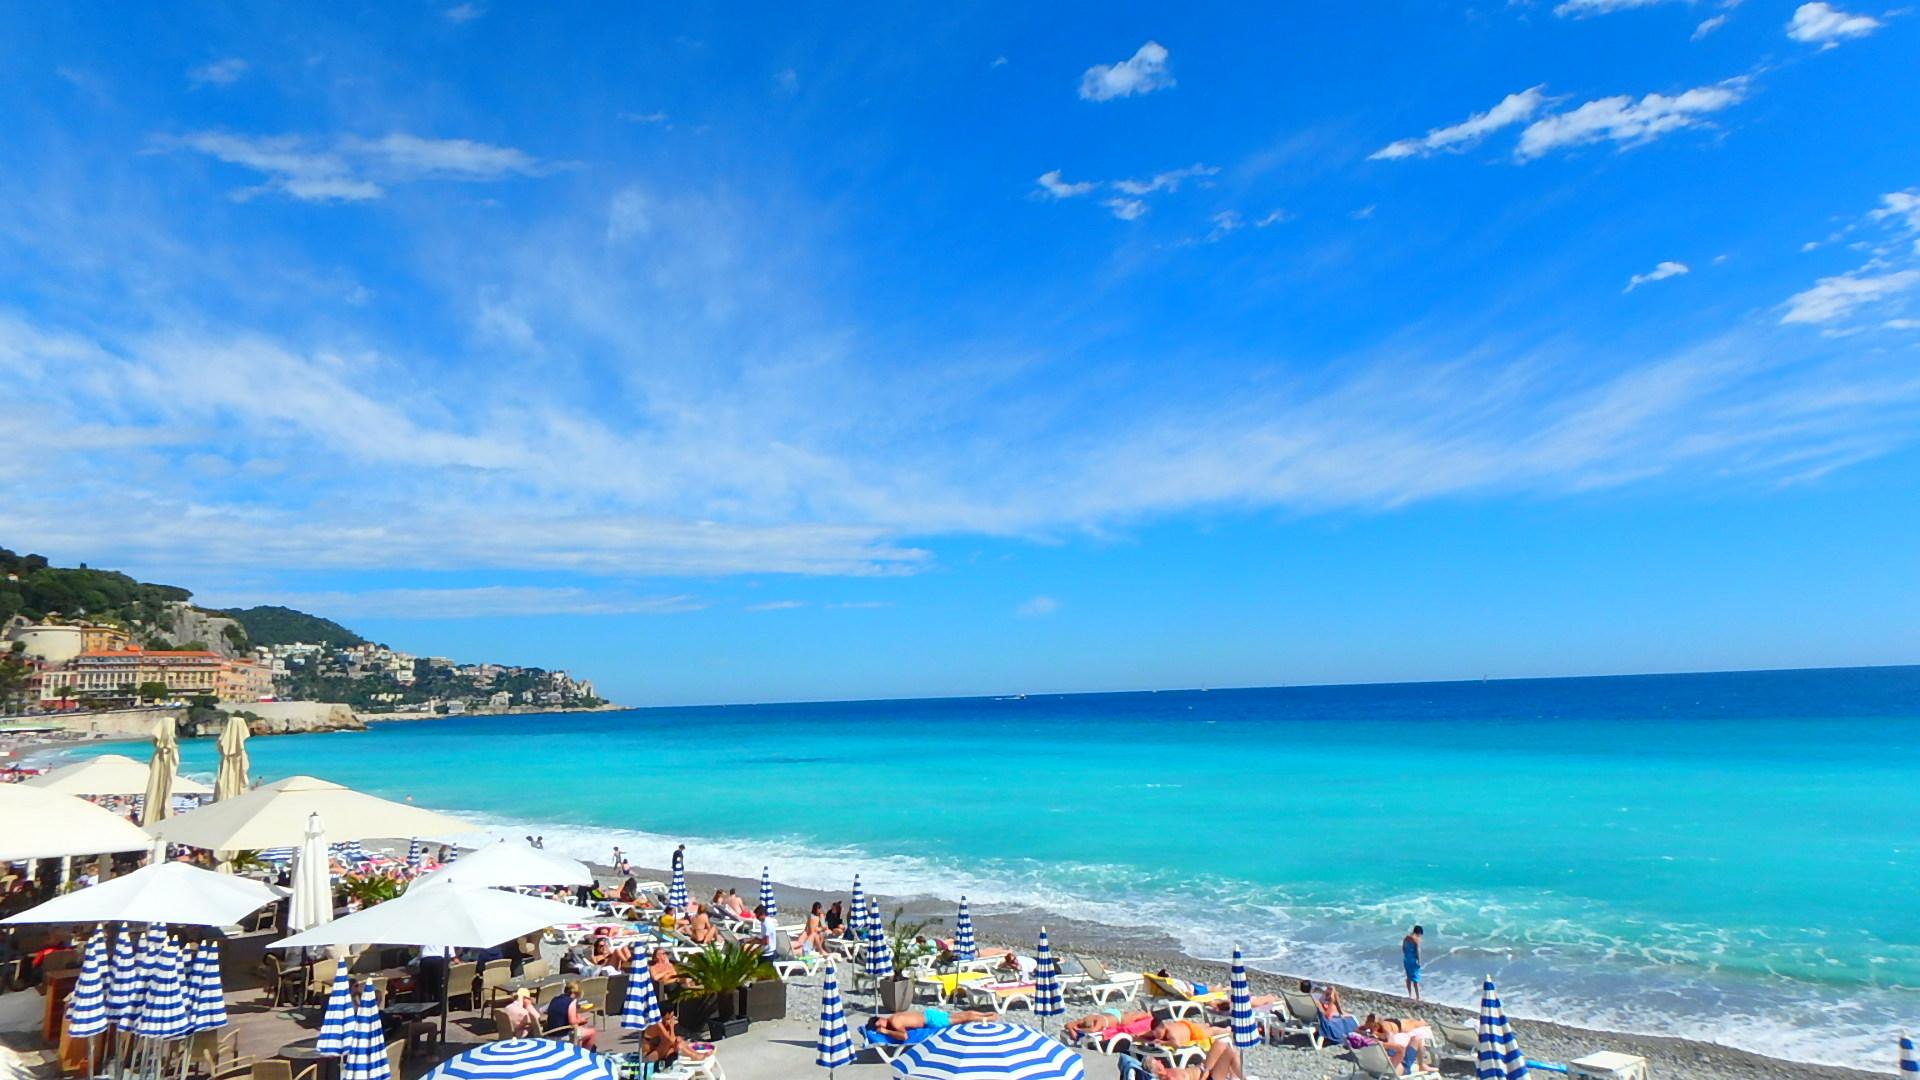 ビーチにあるラウンジも青と白で統一されていてお洒落です。